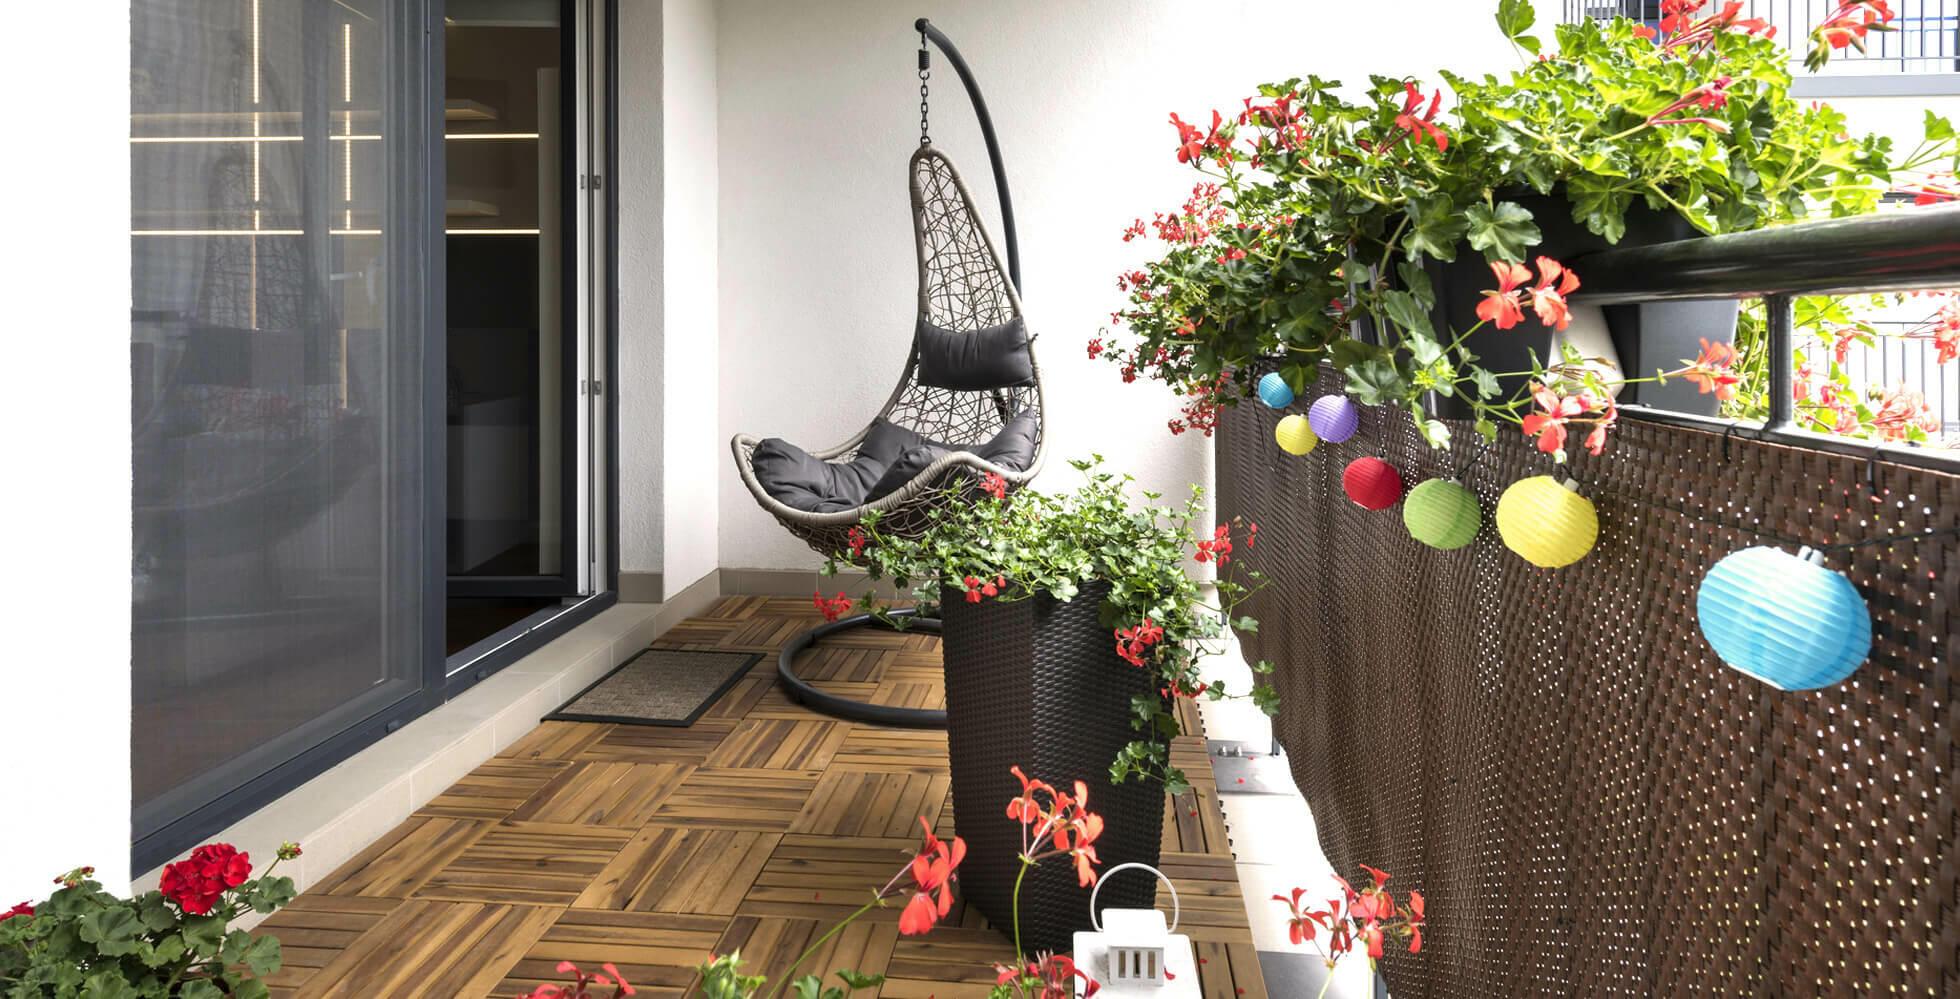 balcón con silla colgante y guirnalda de luces bolas